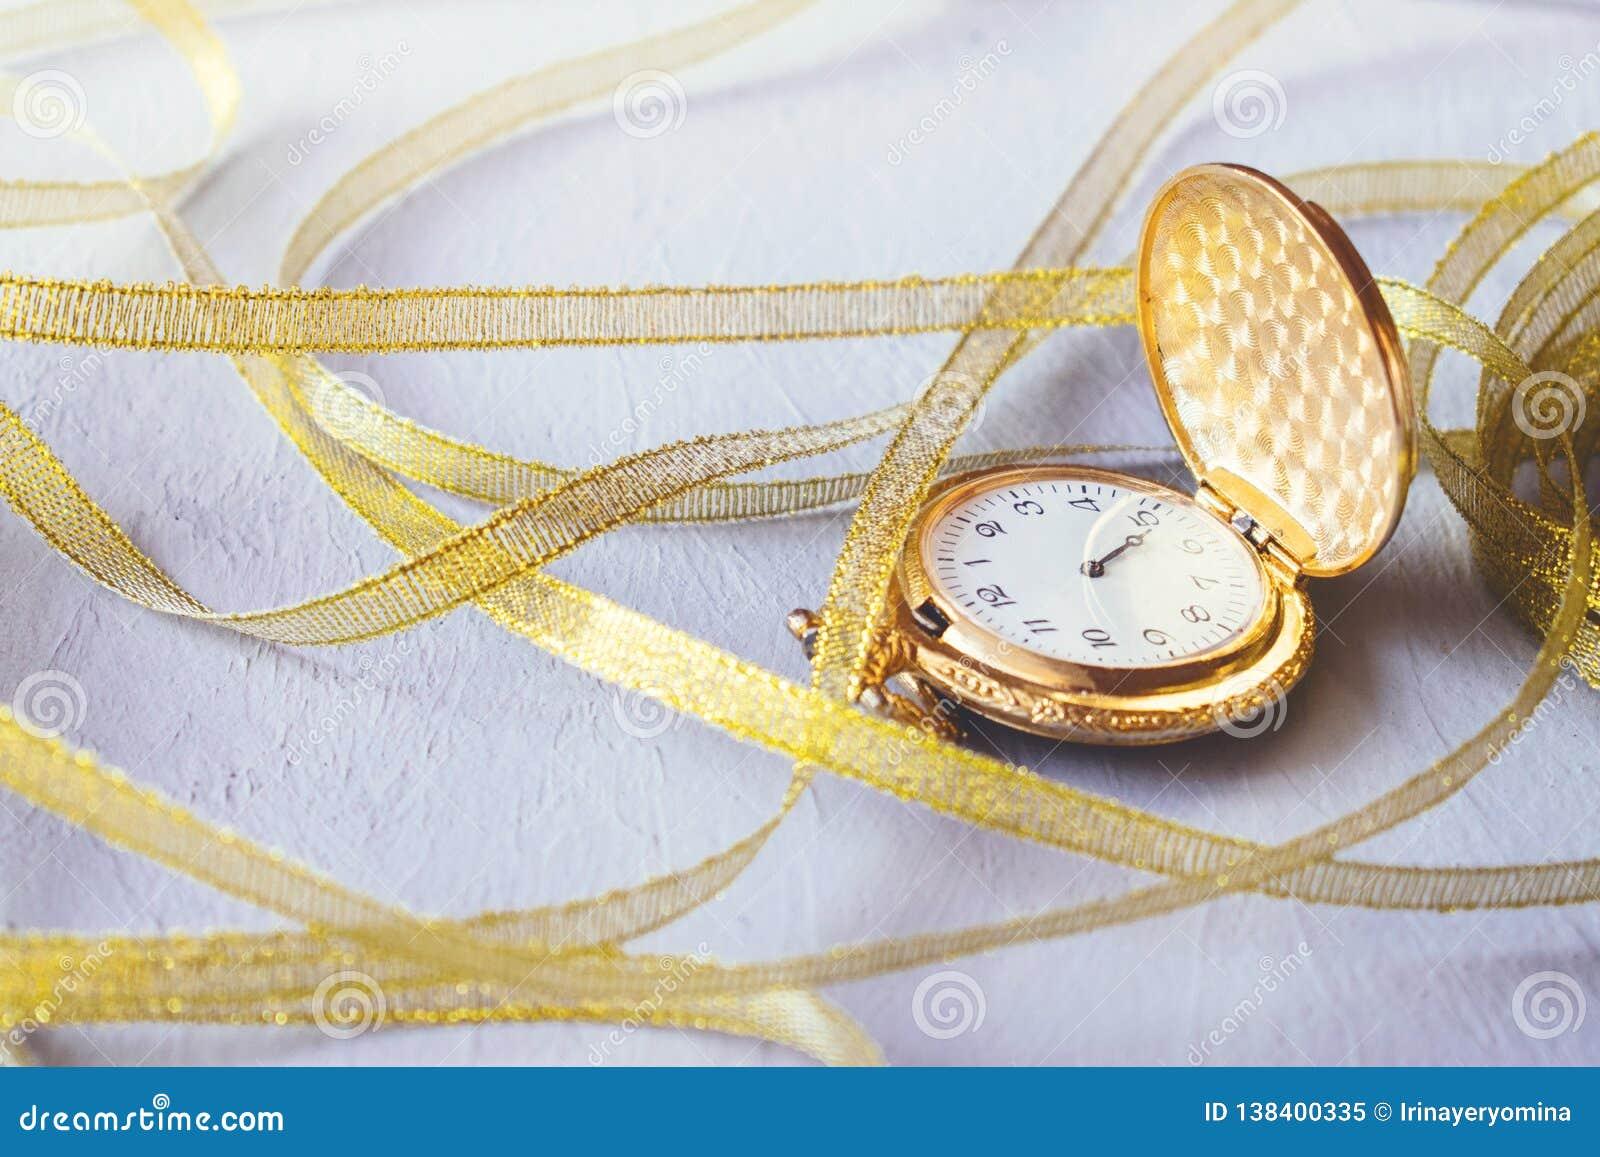 Relógio de bolso do vintage do ouro com as fitas douradas no fundo cinzento do cimento Temporizador da ampulheta ou da areia, sím